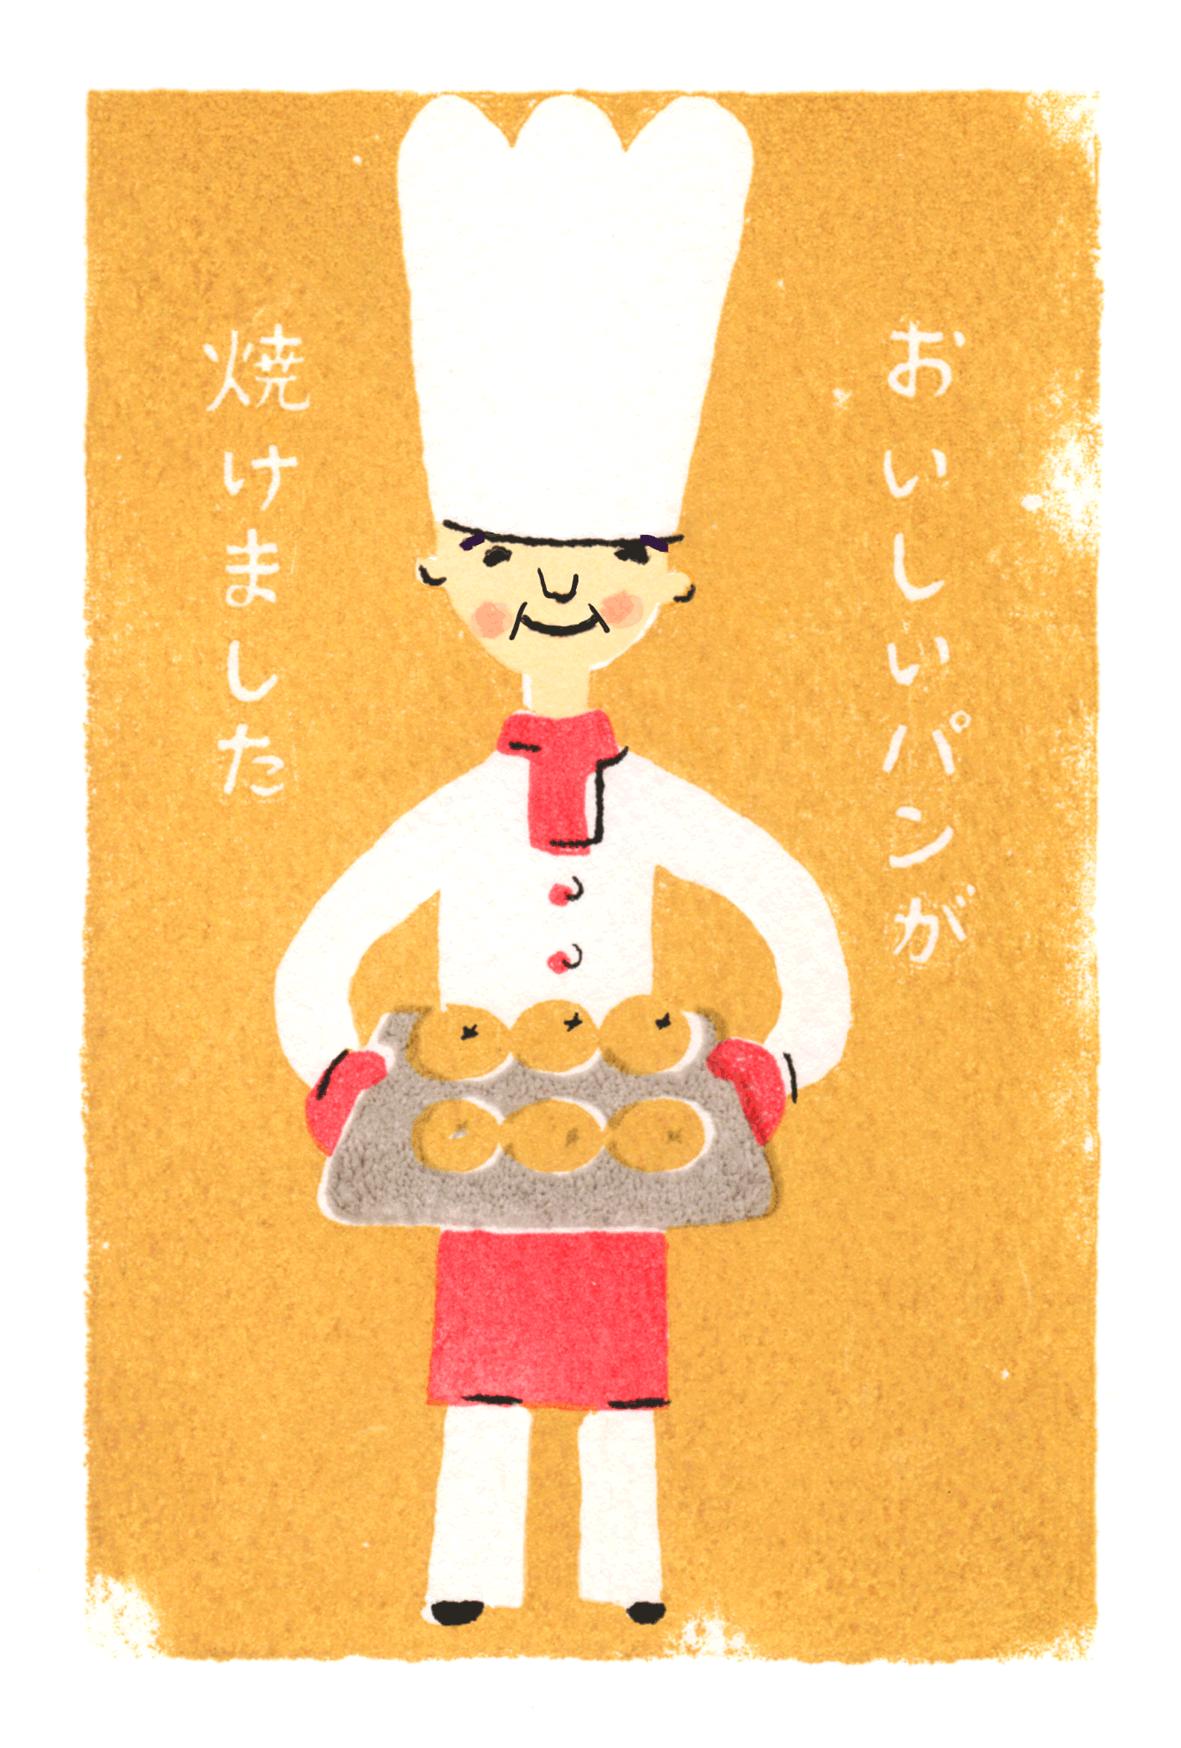 パン屋さんカードのイラスト画像